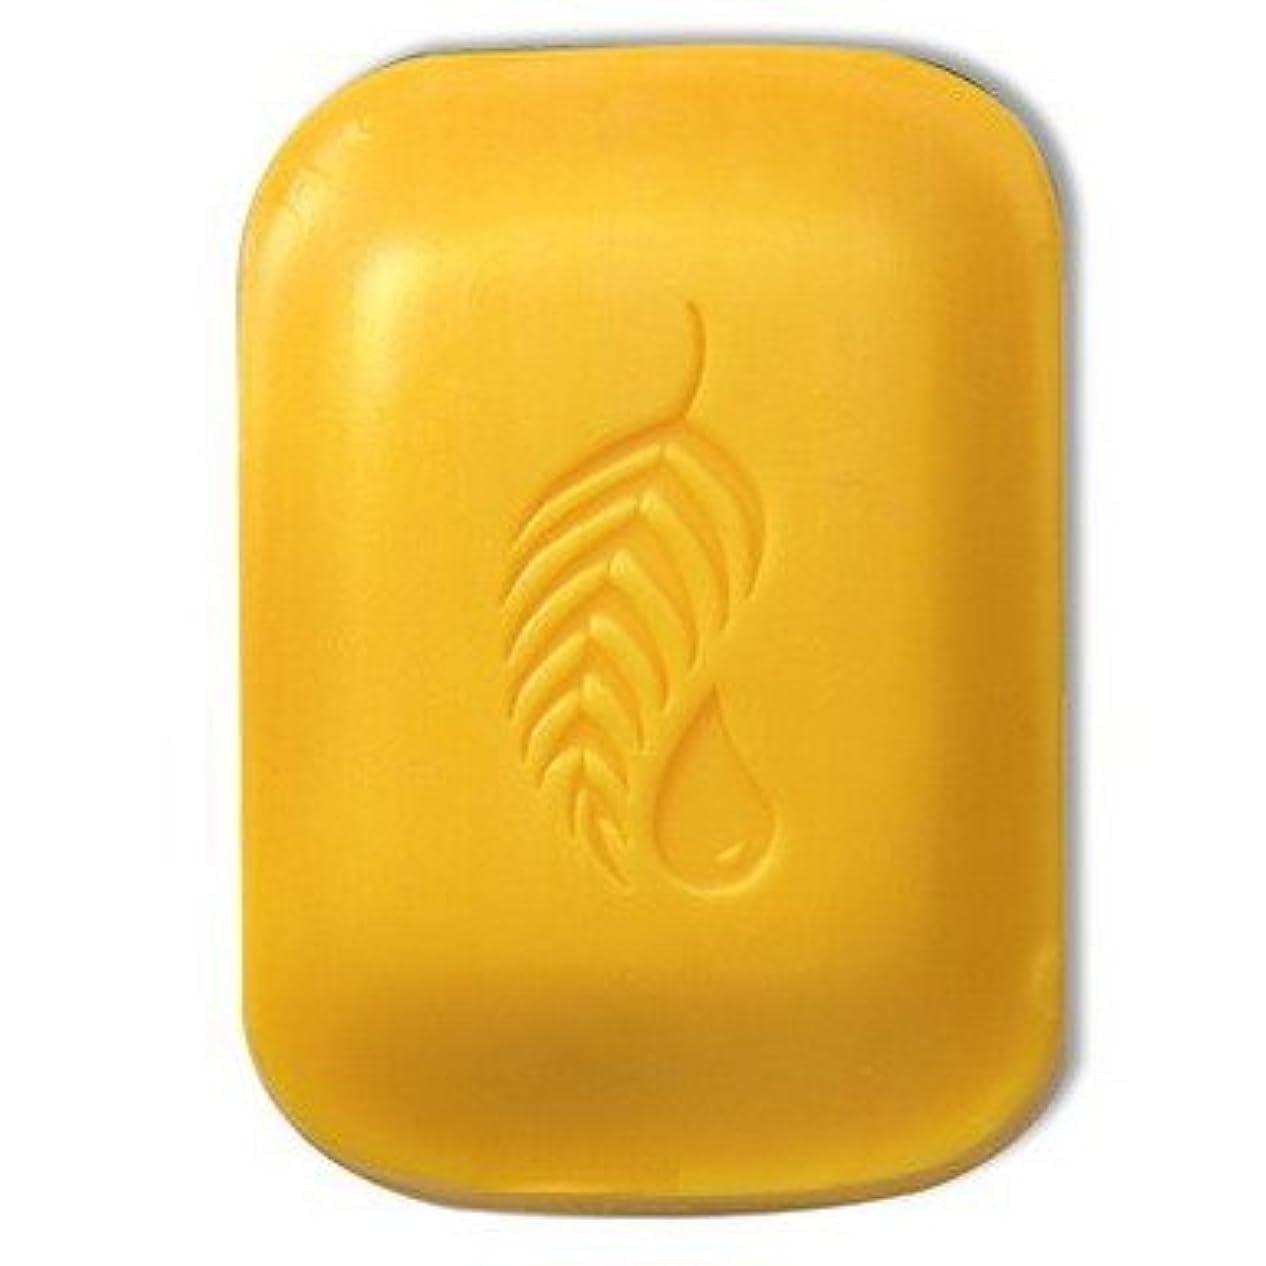 銀行レンディションコンパクト【Melaleuca(メラルーカ)】ゴールド バー トライアルサイズ42.5g [並行輸入品]